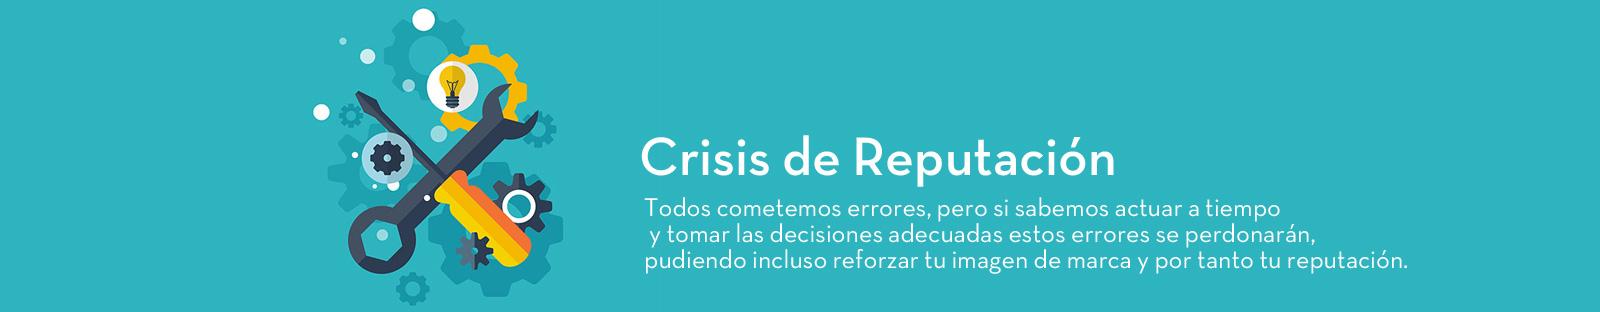 Crisis de reputación. socialbeings